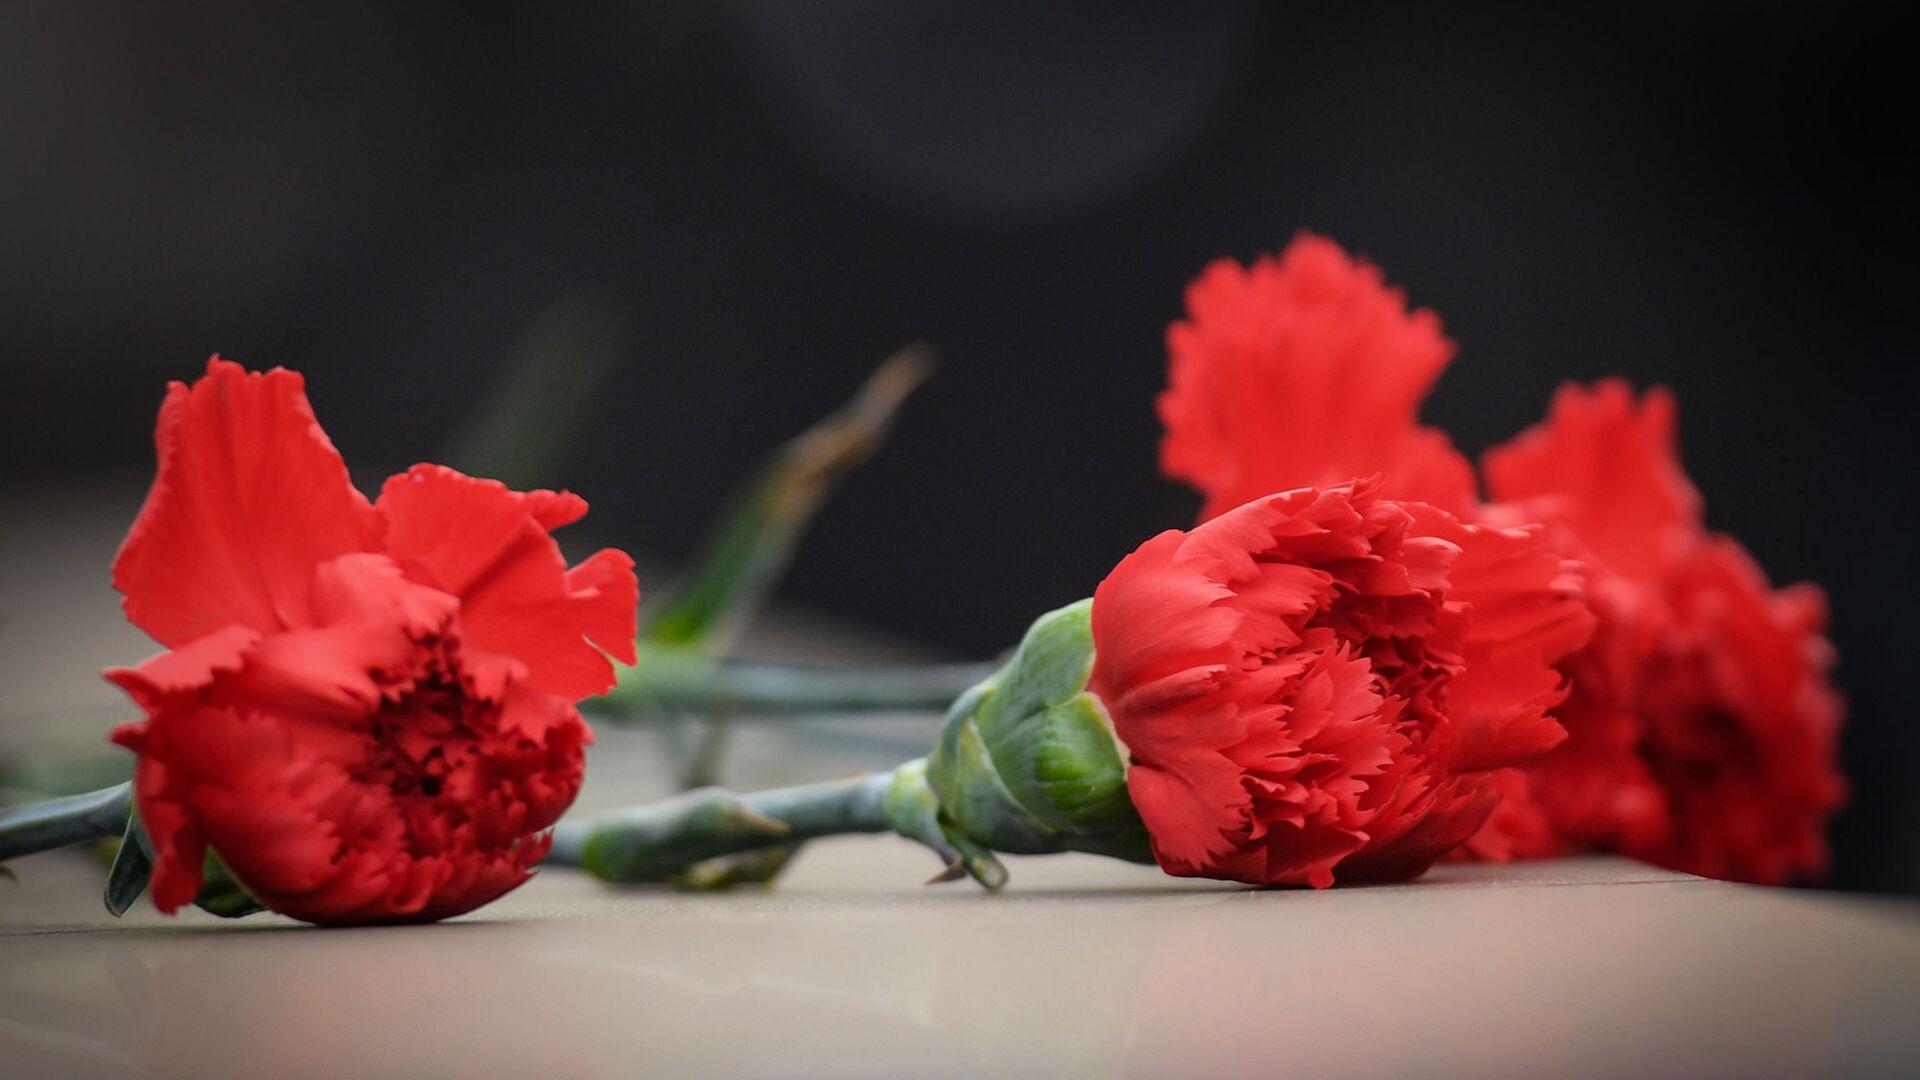 Церемония почтения памяти жертв Ходжалинской трагедии  - Sputnik Азербайджан, 1920, 26.02.2021